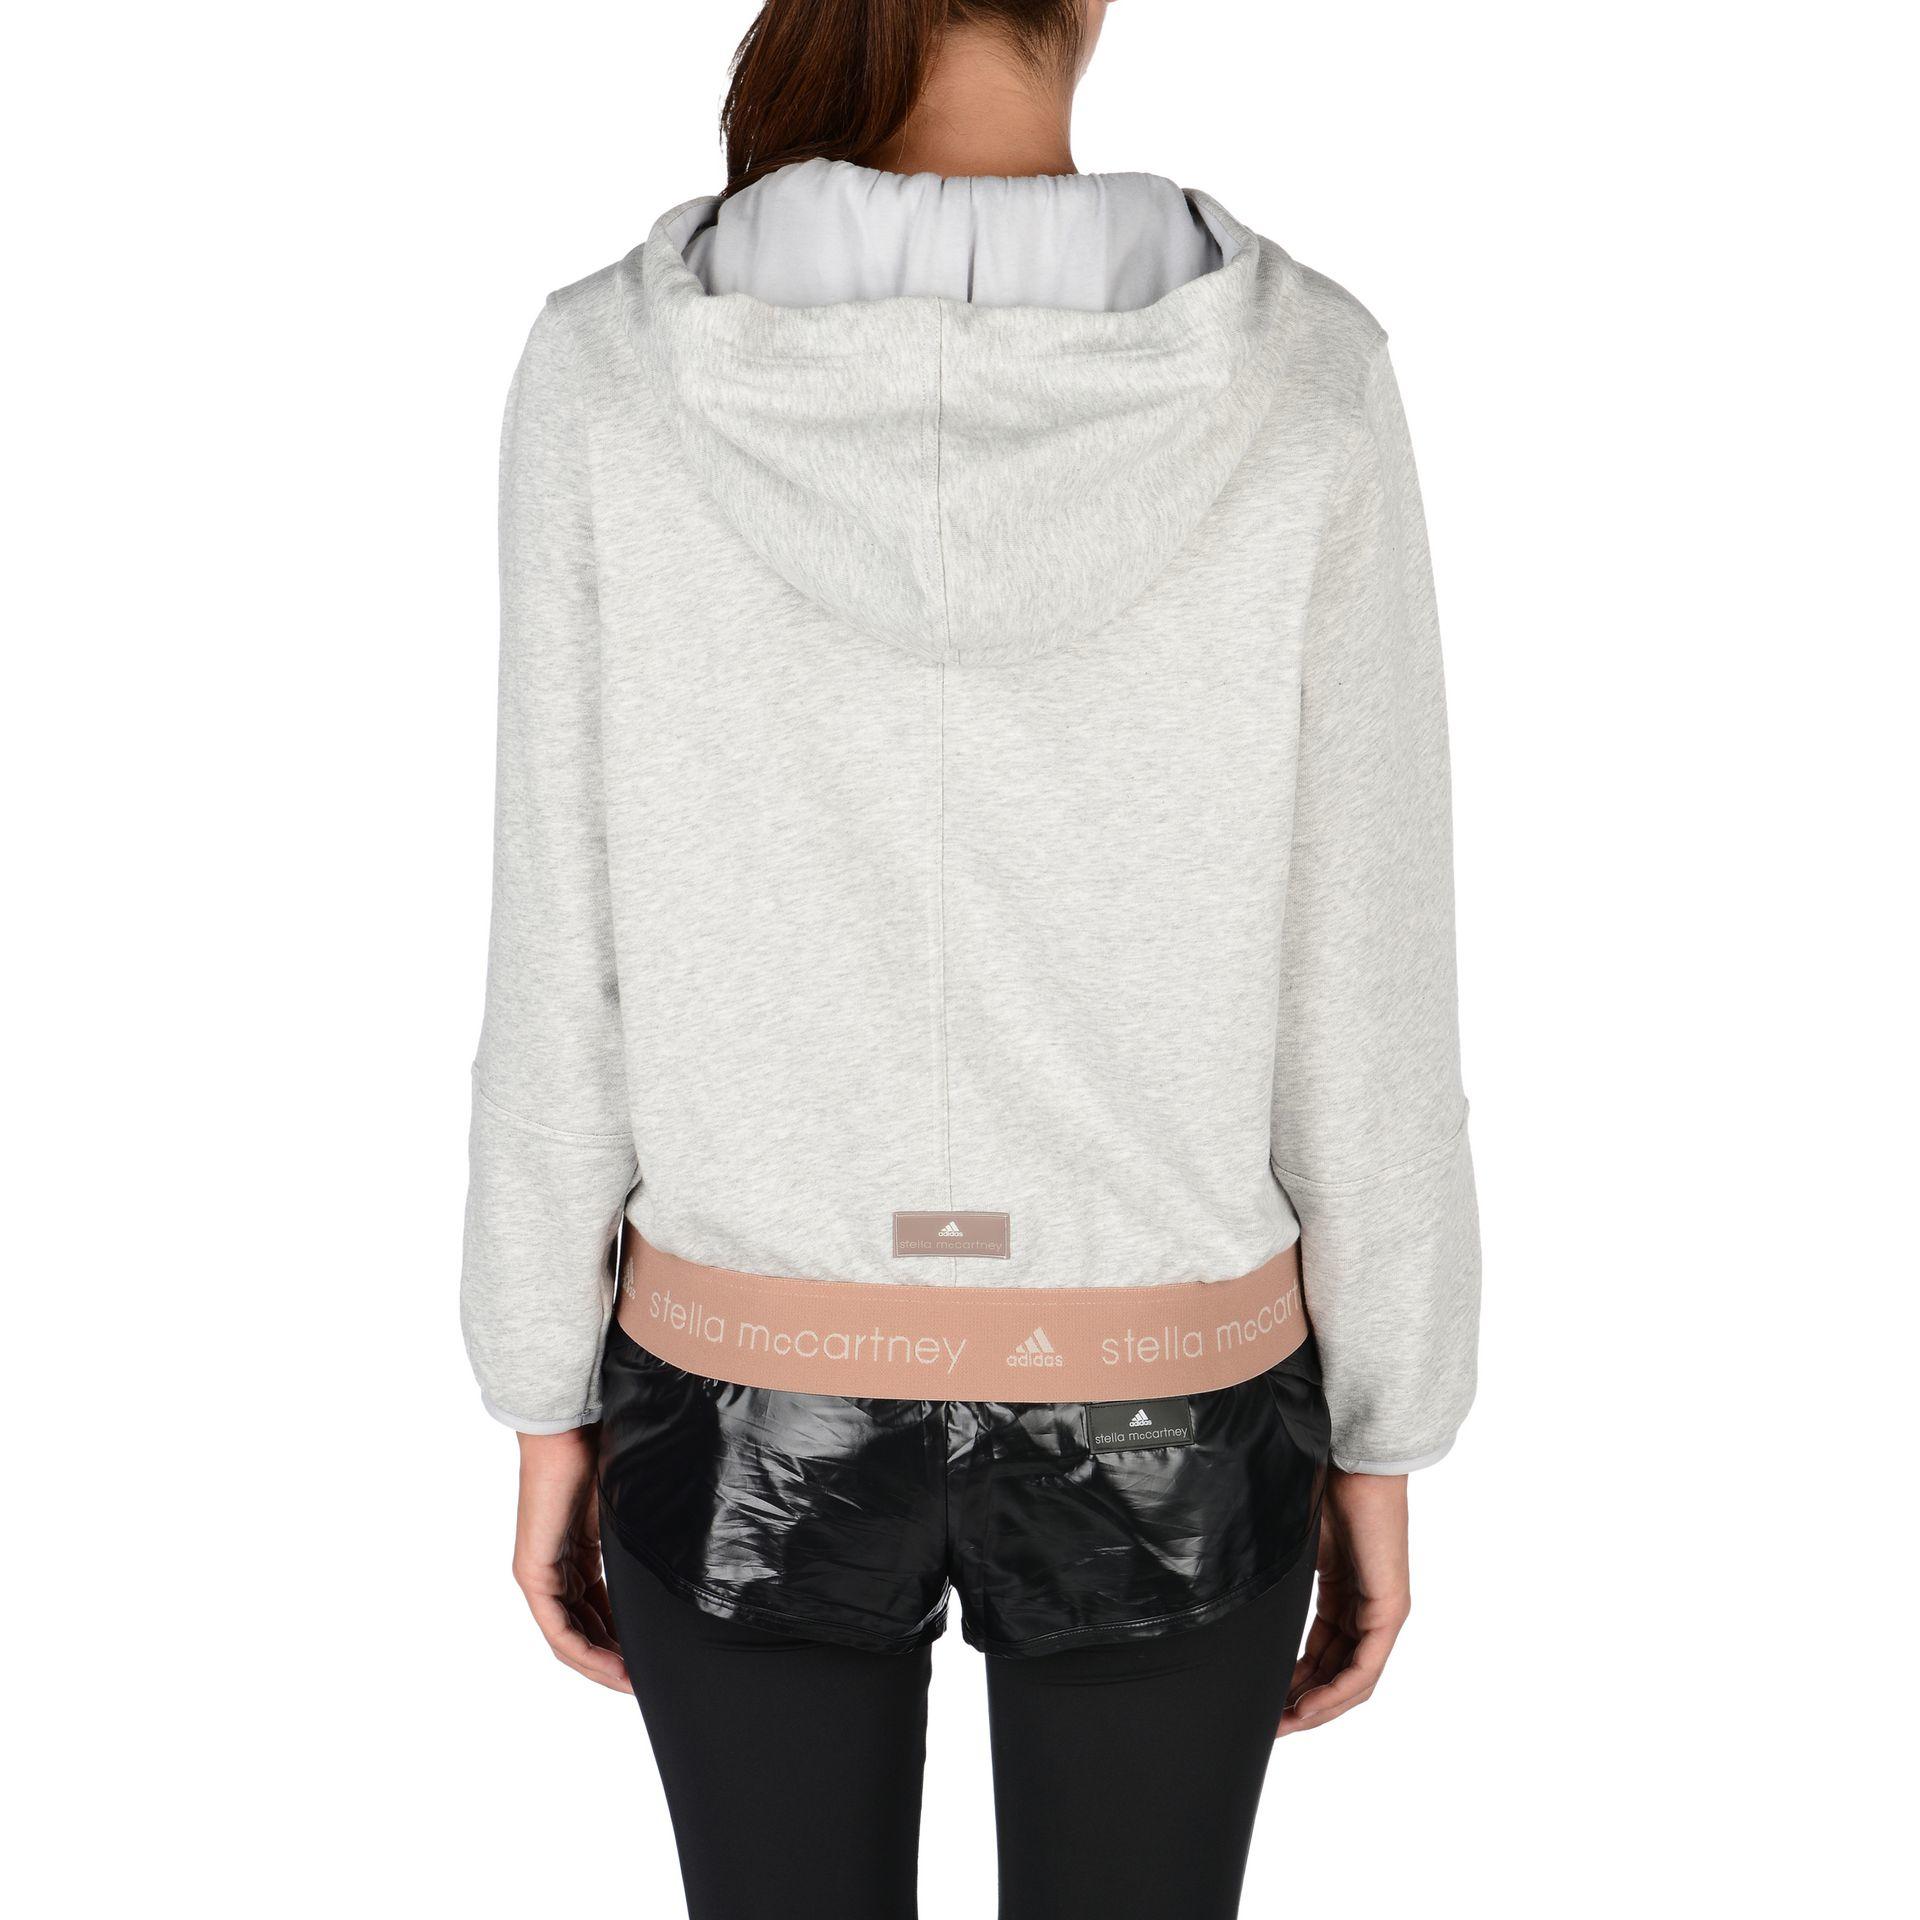 eab59c32a3c9 adidas By Stella McCartney Pearl Grey Essentials Hoodie in Gray - Lyst